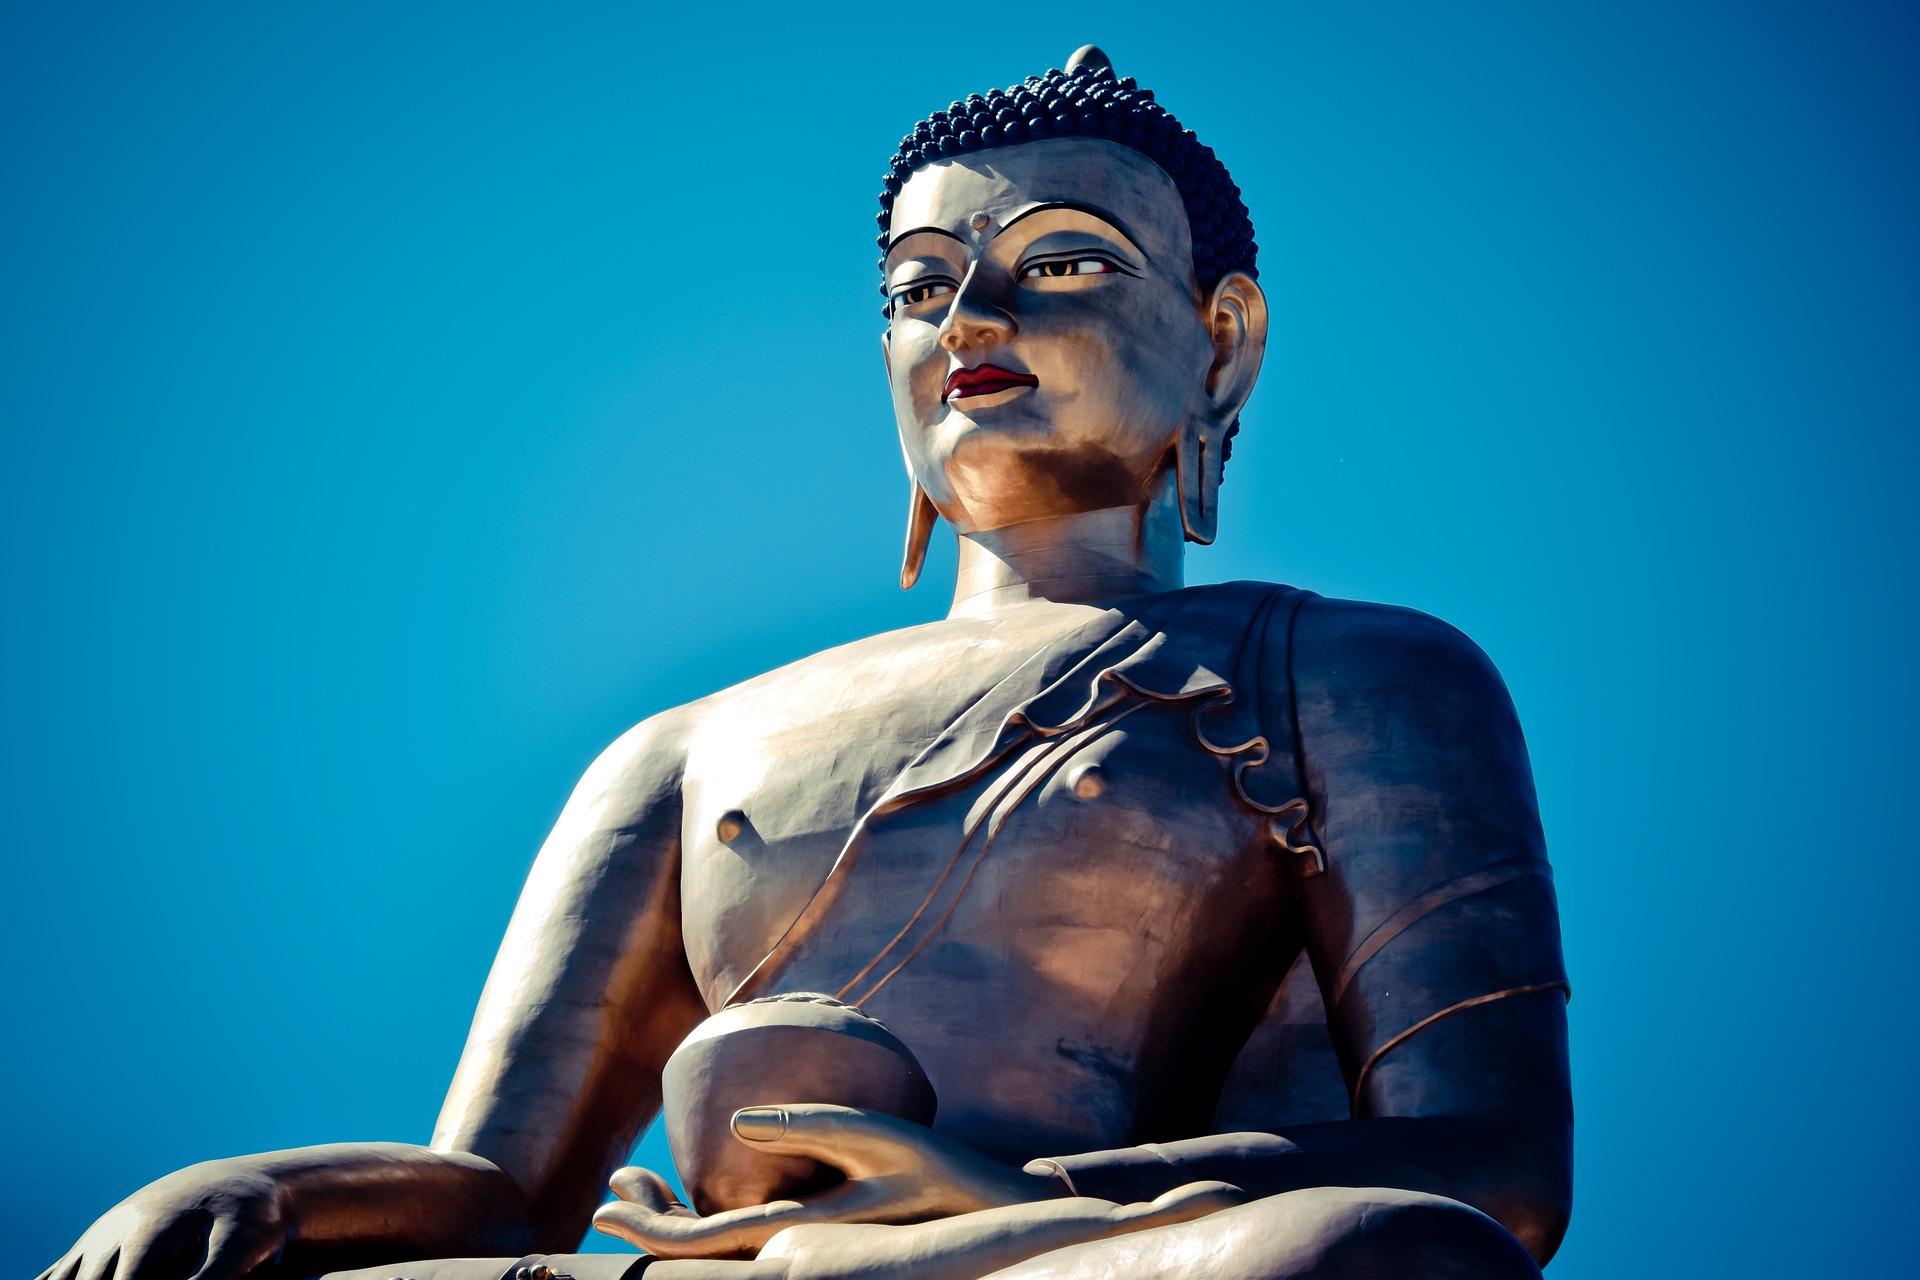 bhutan-2830163_1920